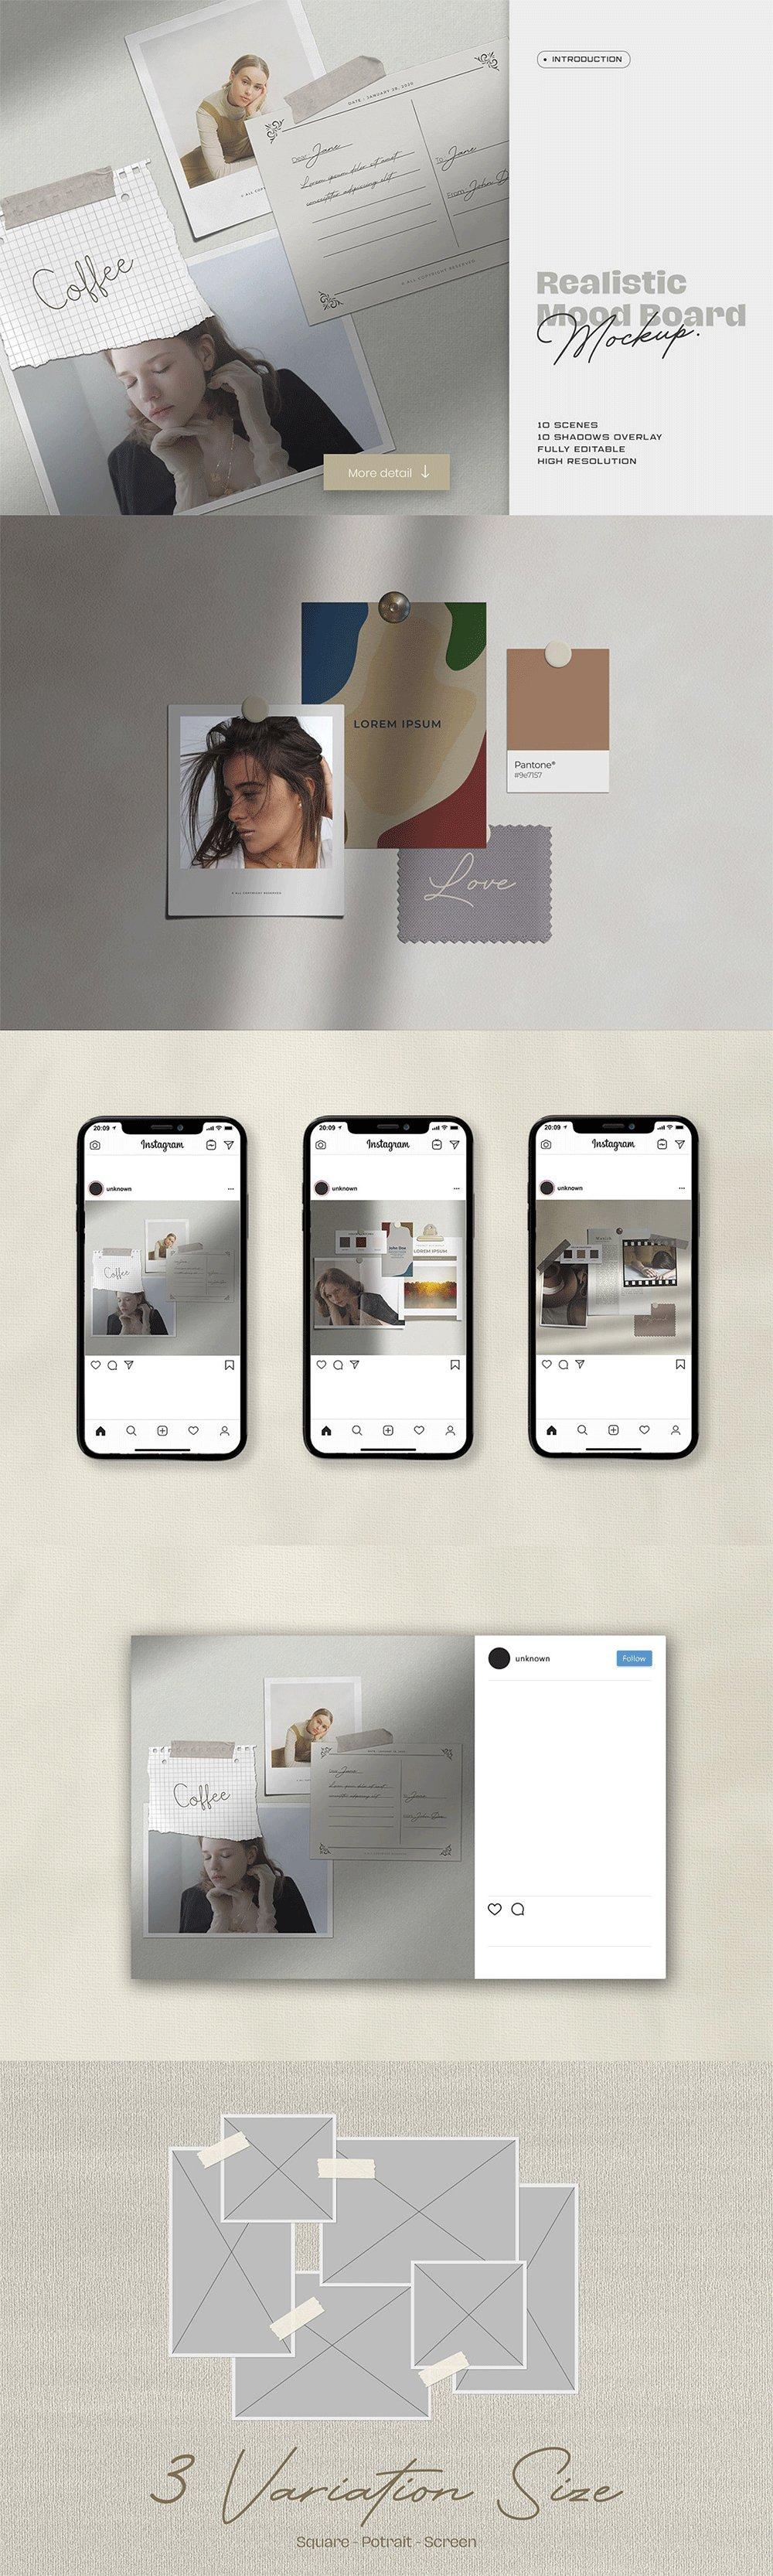 [淘宝购买] 10套文艺情绪板摄影相片卡片拼贴设计PSD源文件 Bundle Moodboard Mockup V1插图(9)